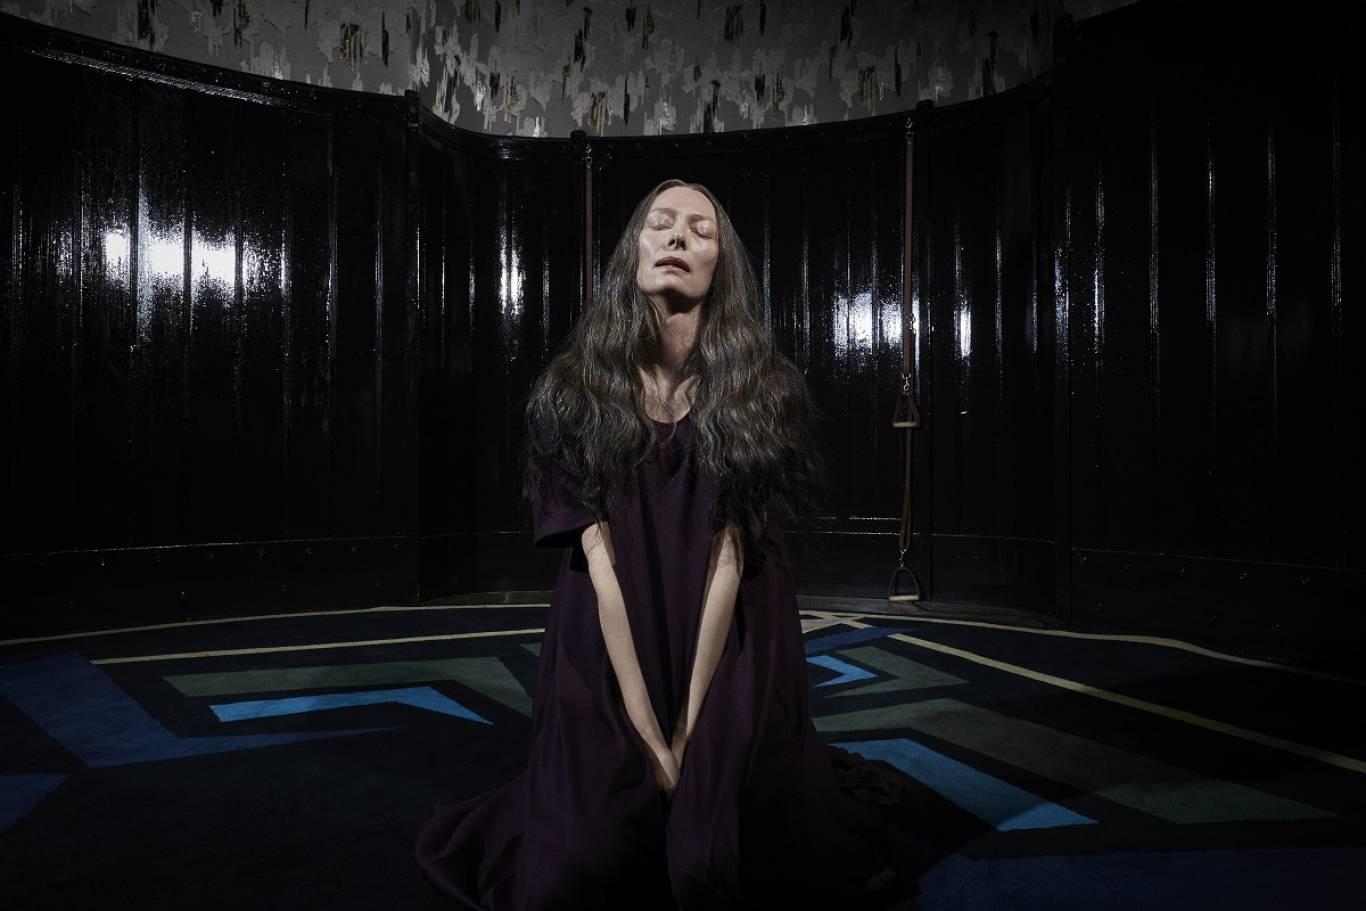 Триллер, ужасы Суспирия